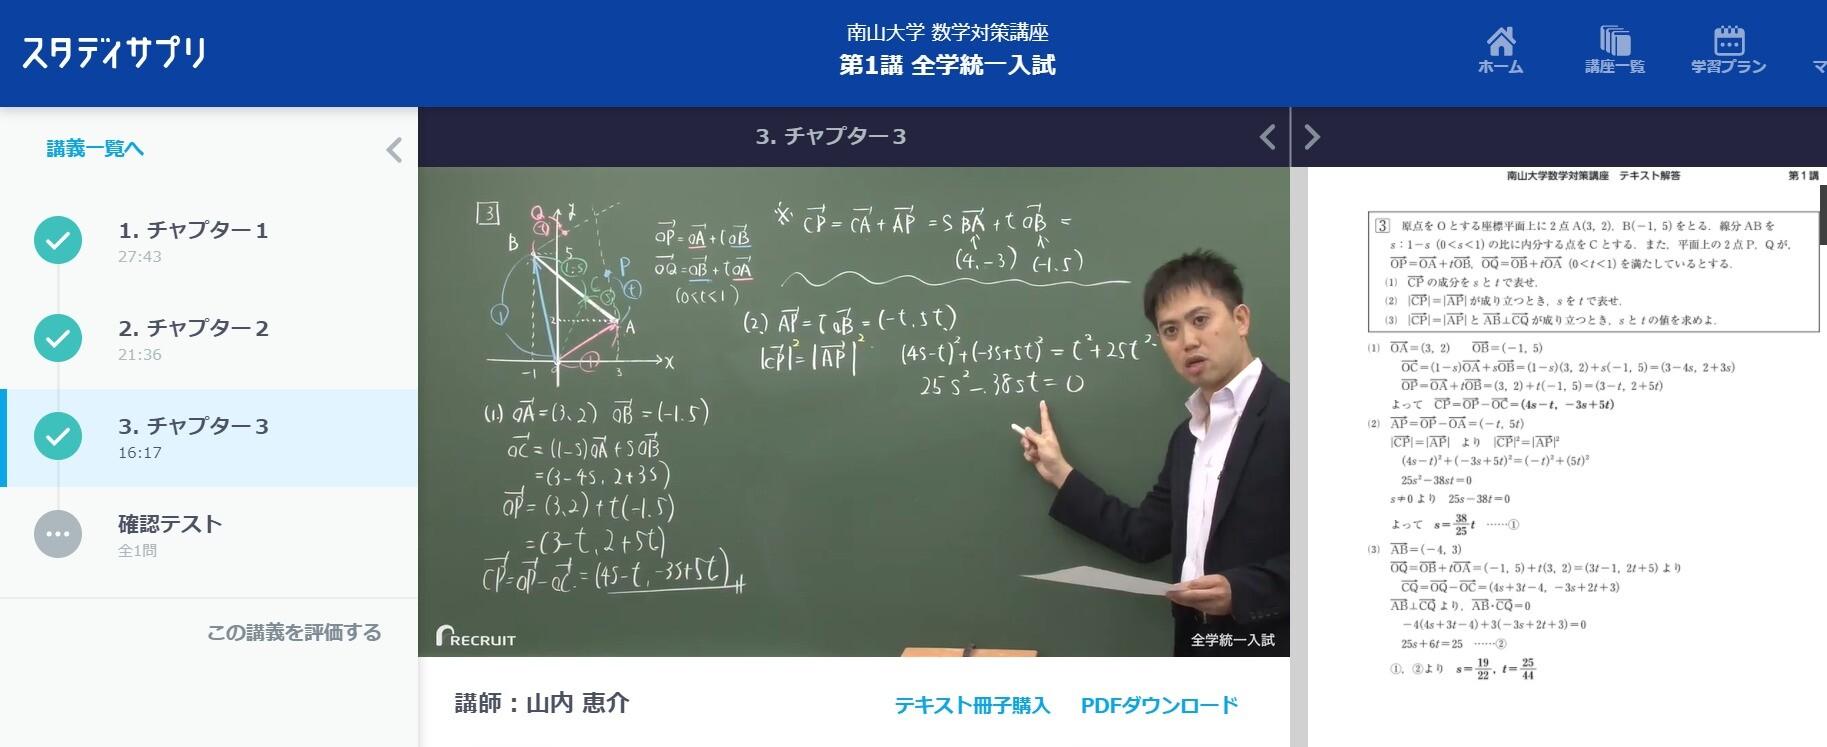 南山大学数学対策講座第1講